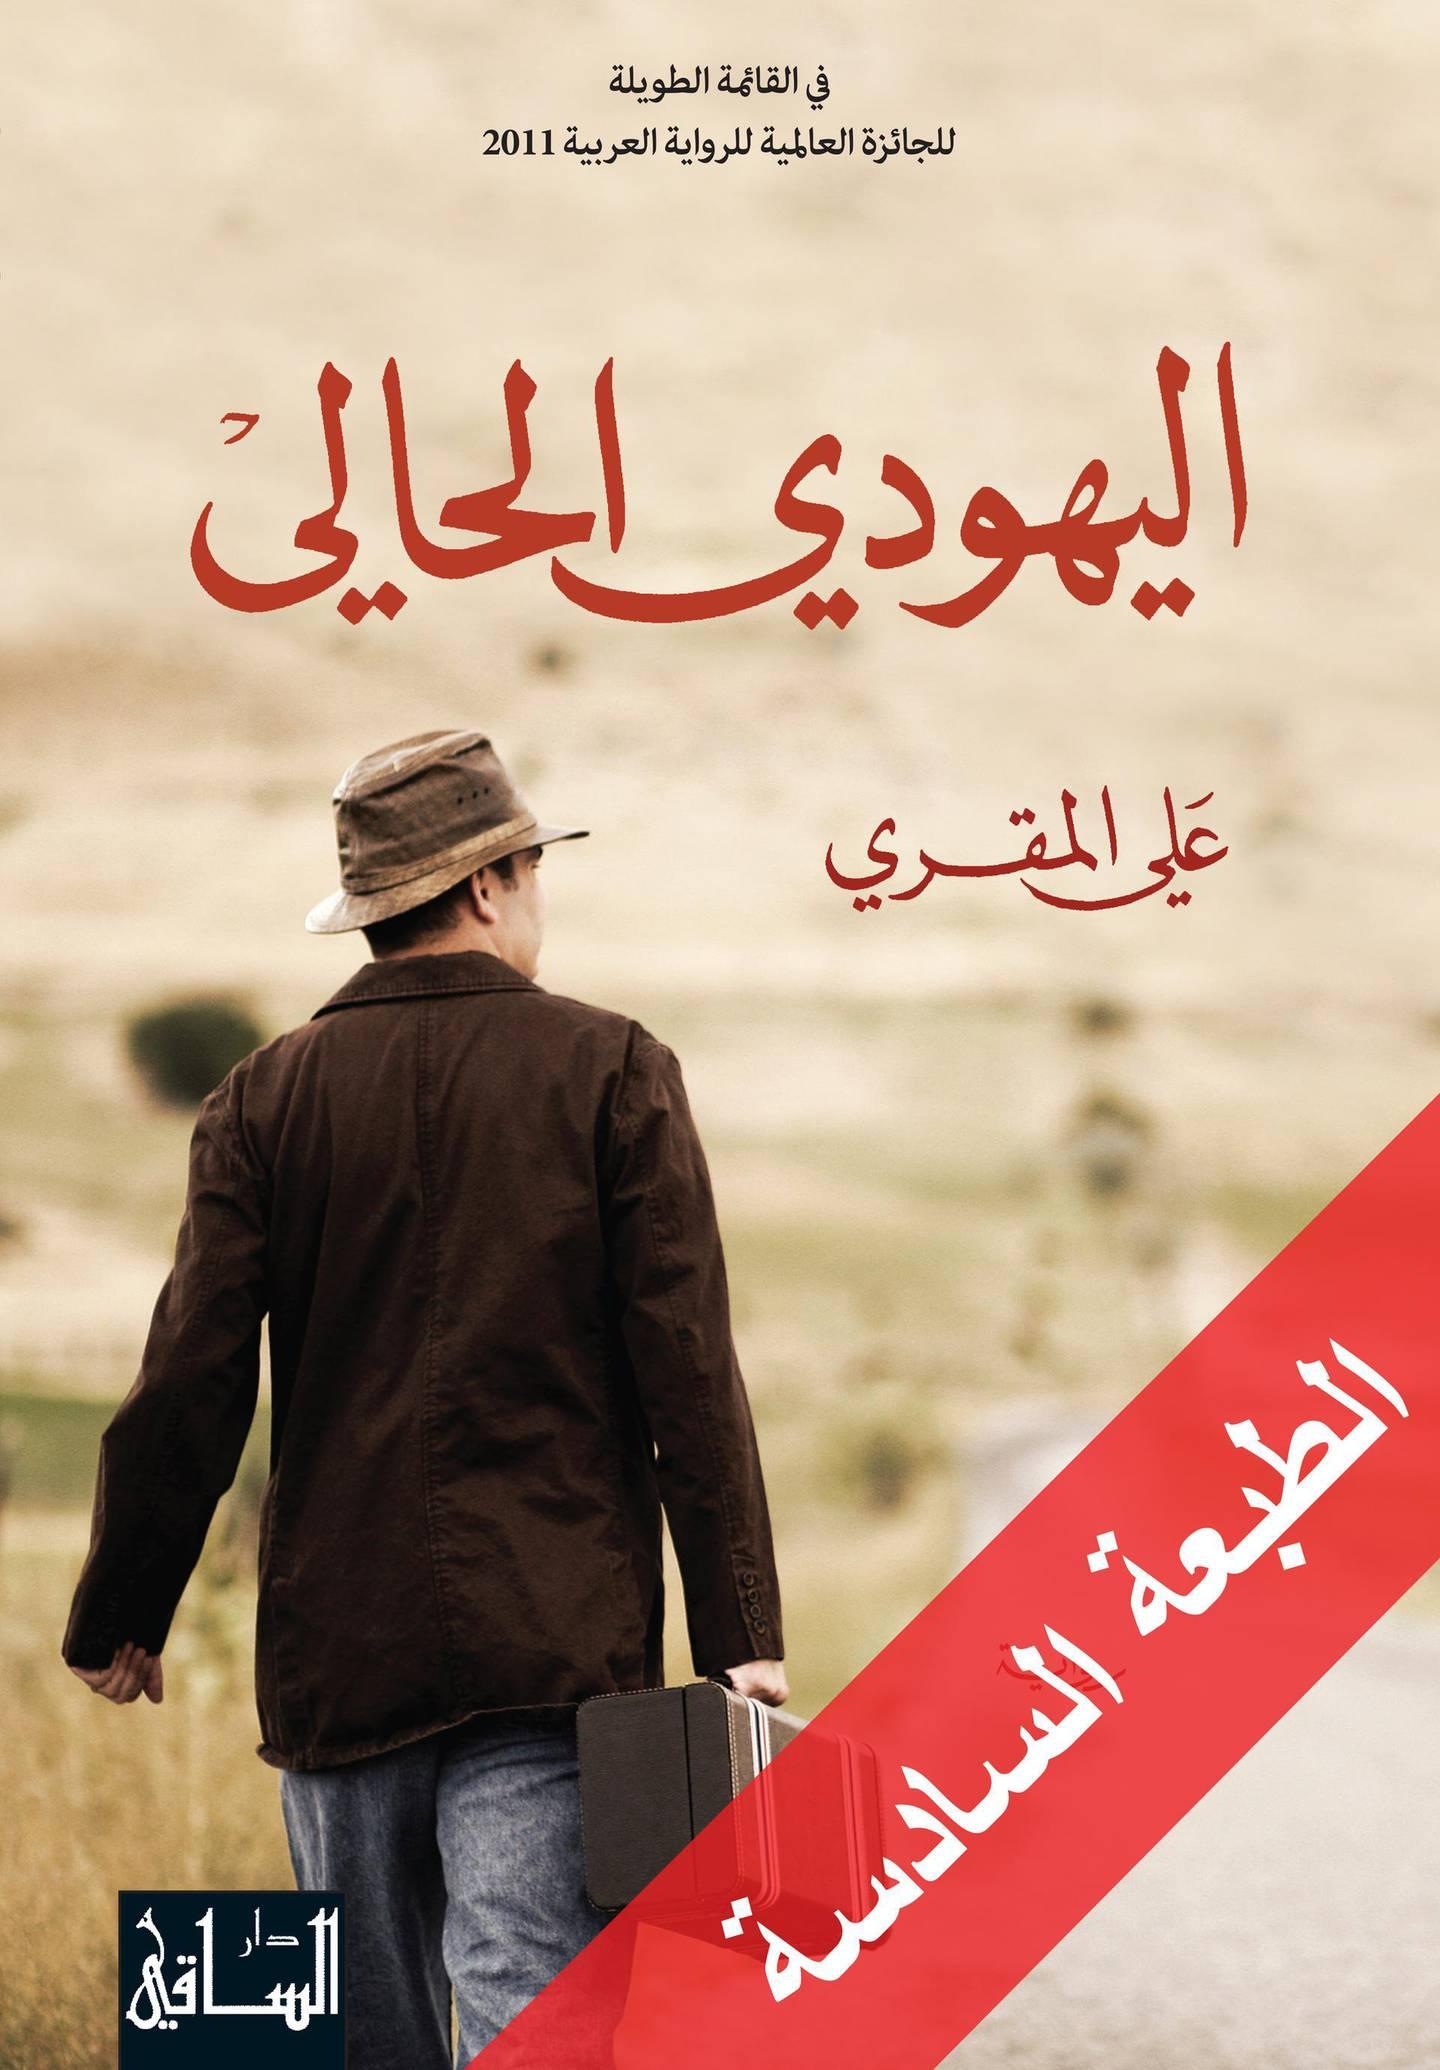 The Current Jew by Ali Al Muqri (2009) Arabic: اليهودي الحالي